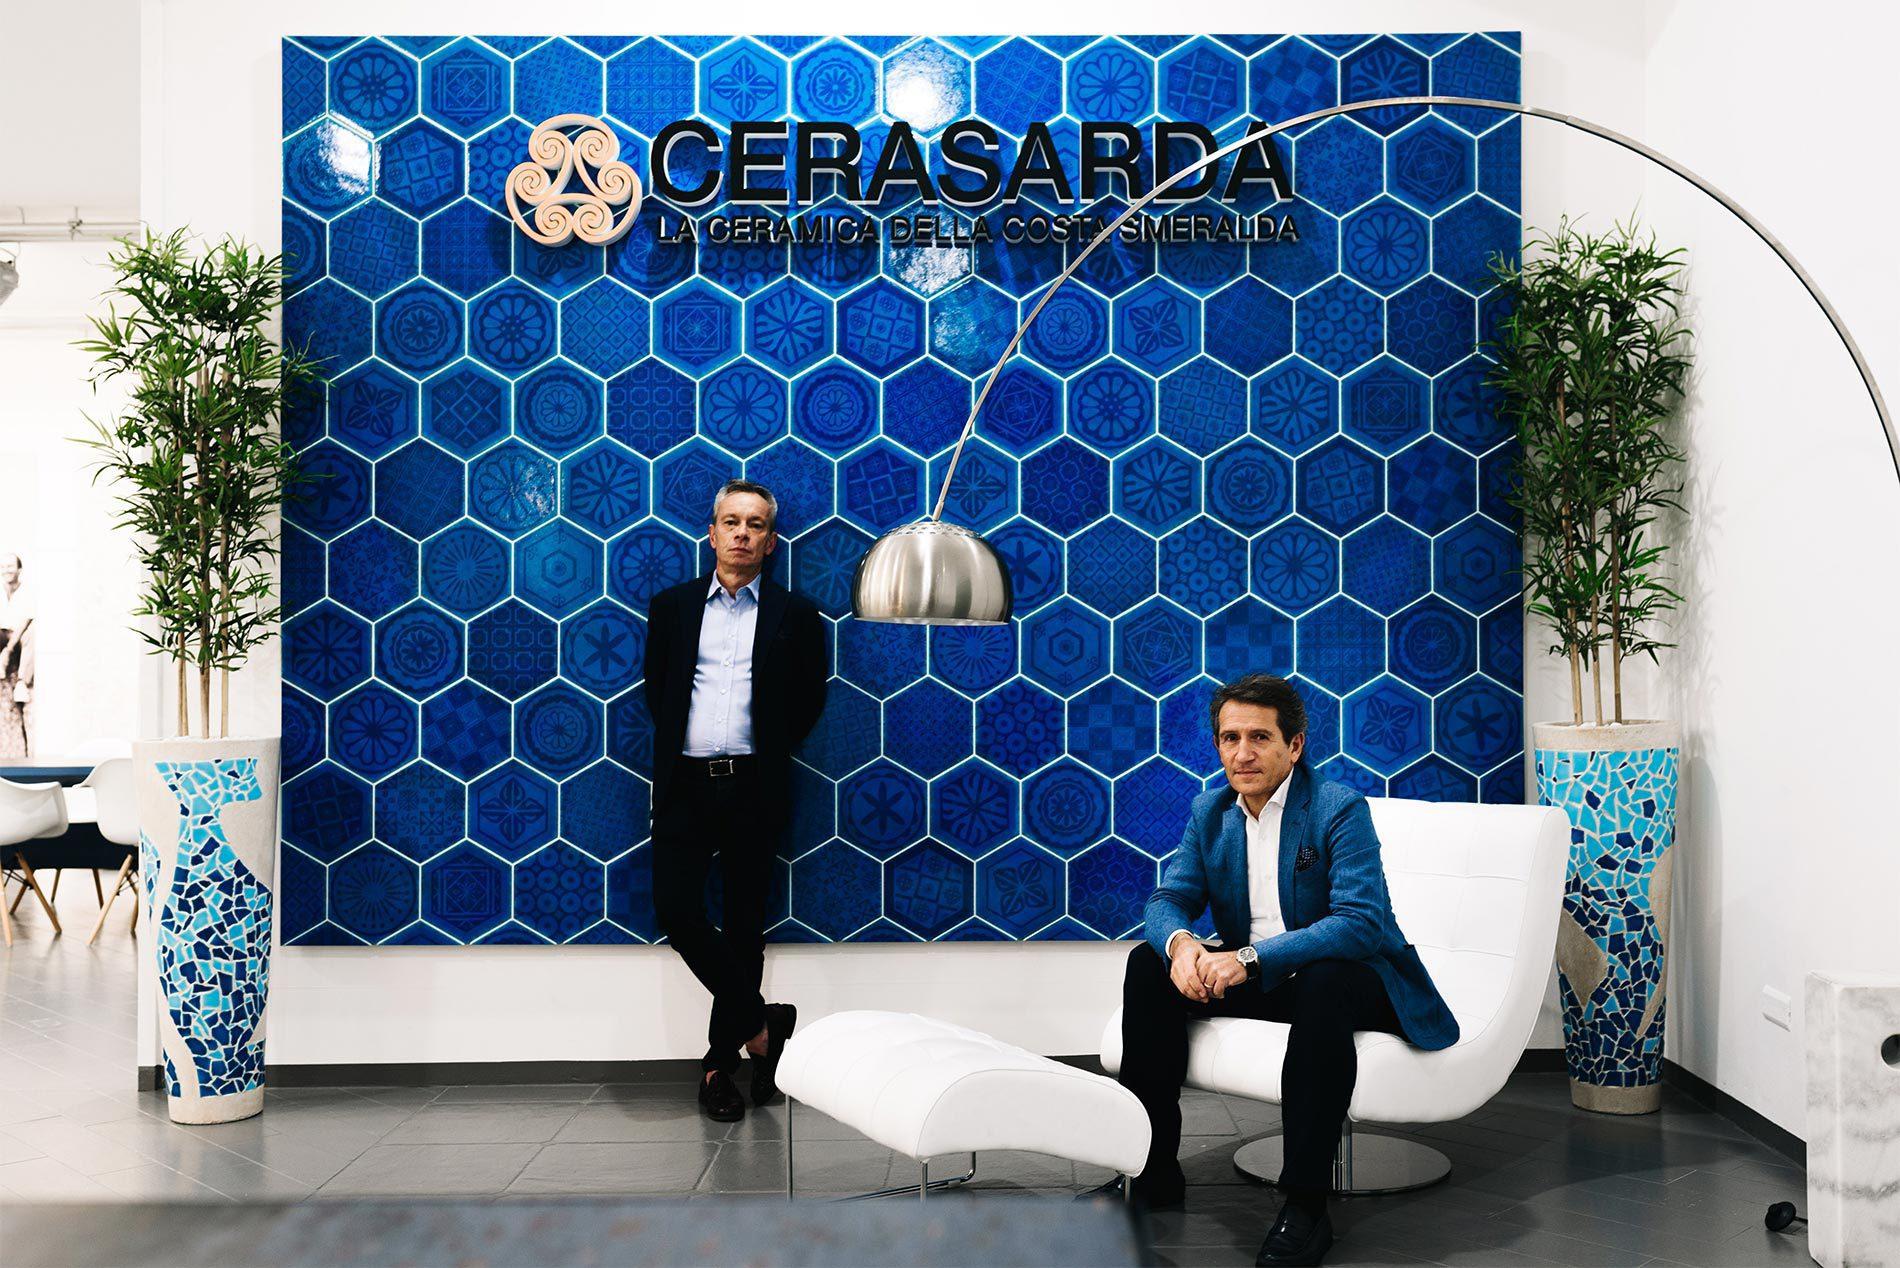 Gruppo Romani azienda leader della ceramica made in Italy